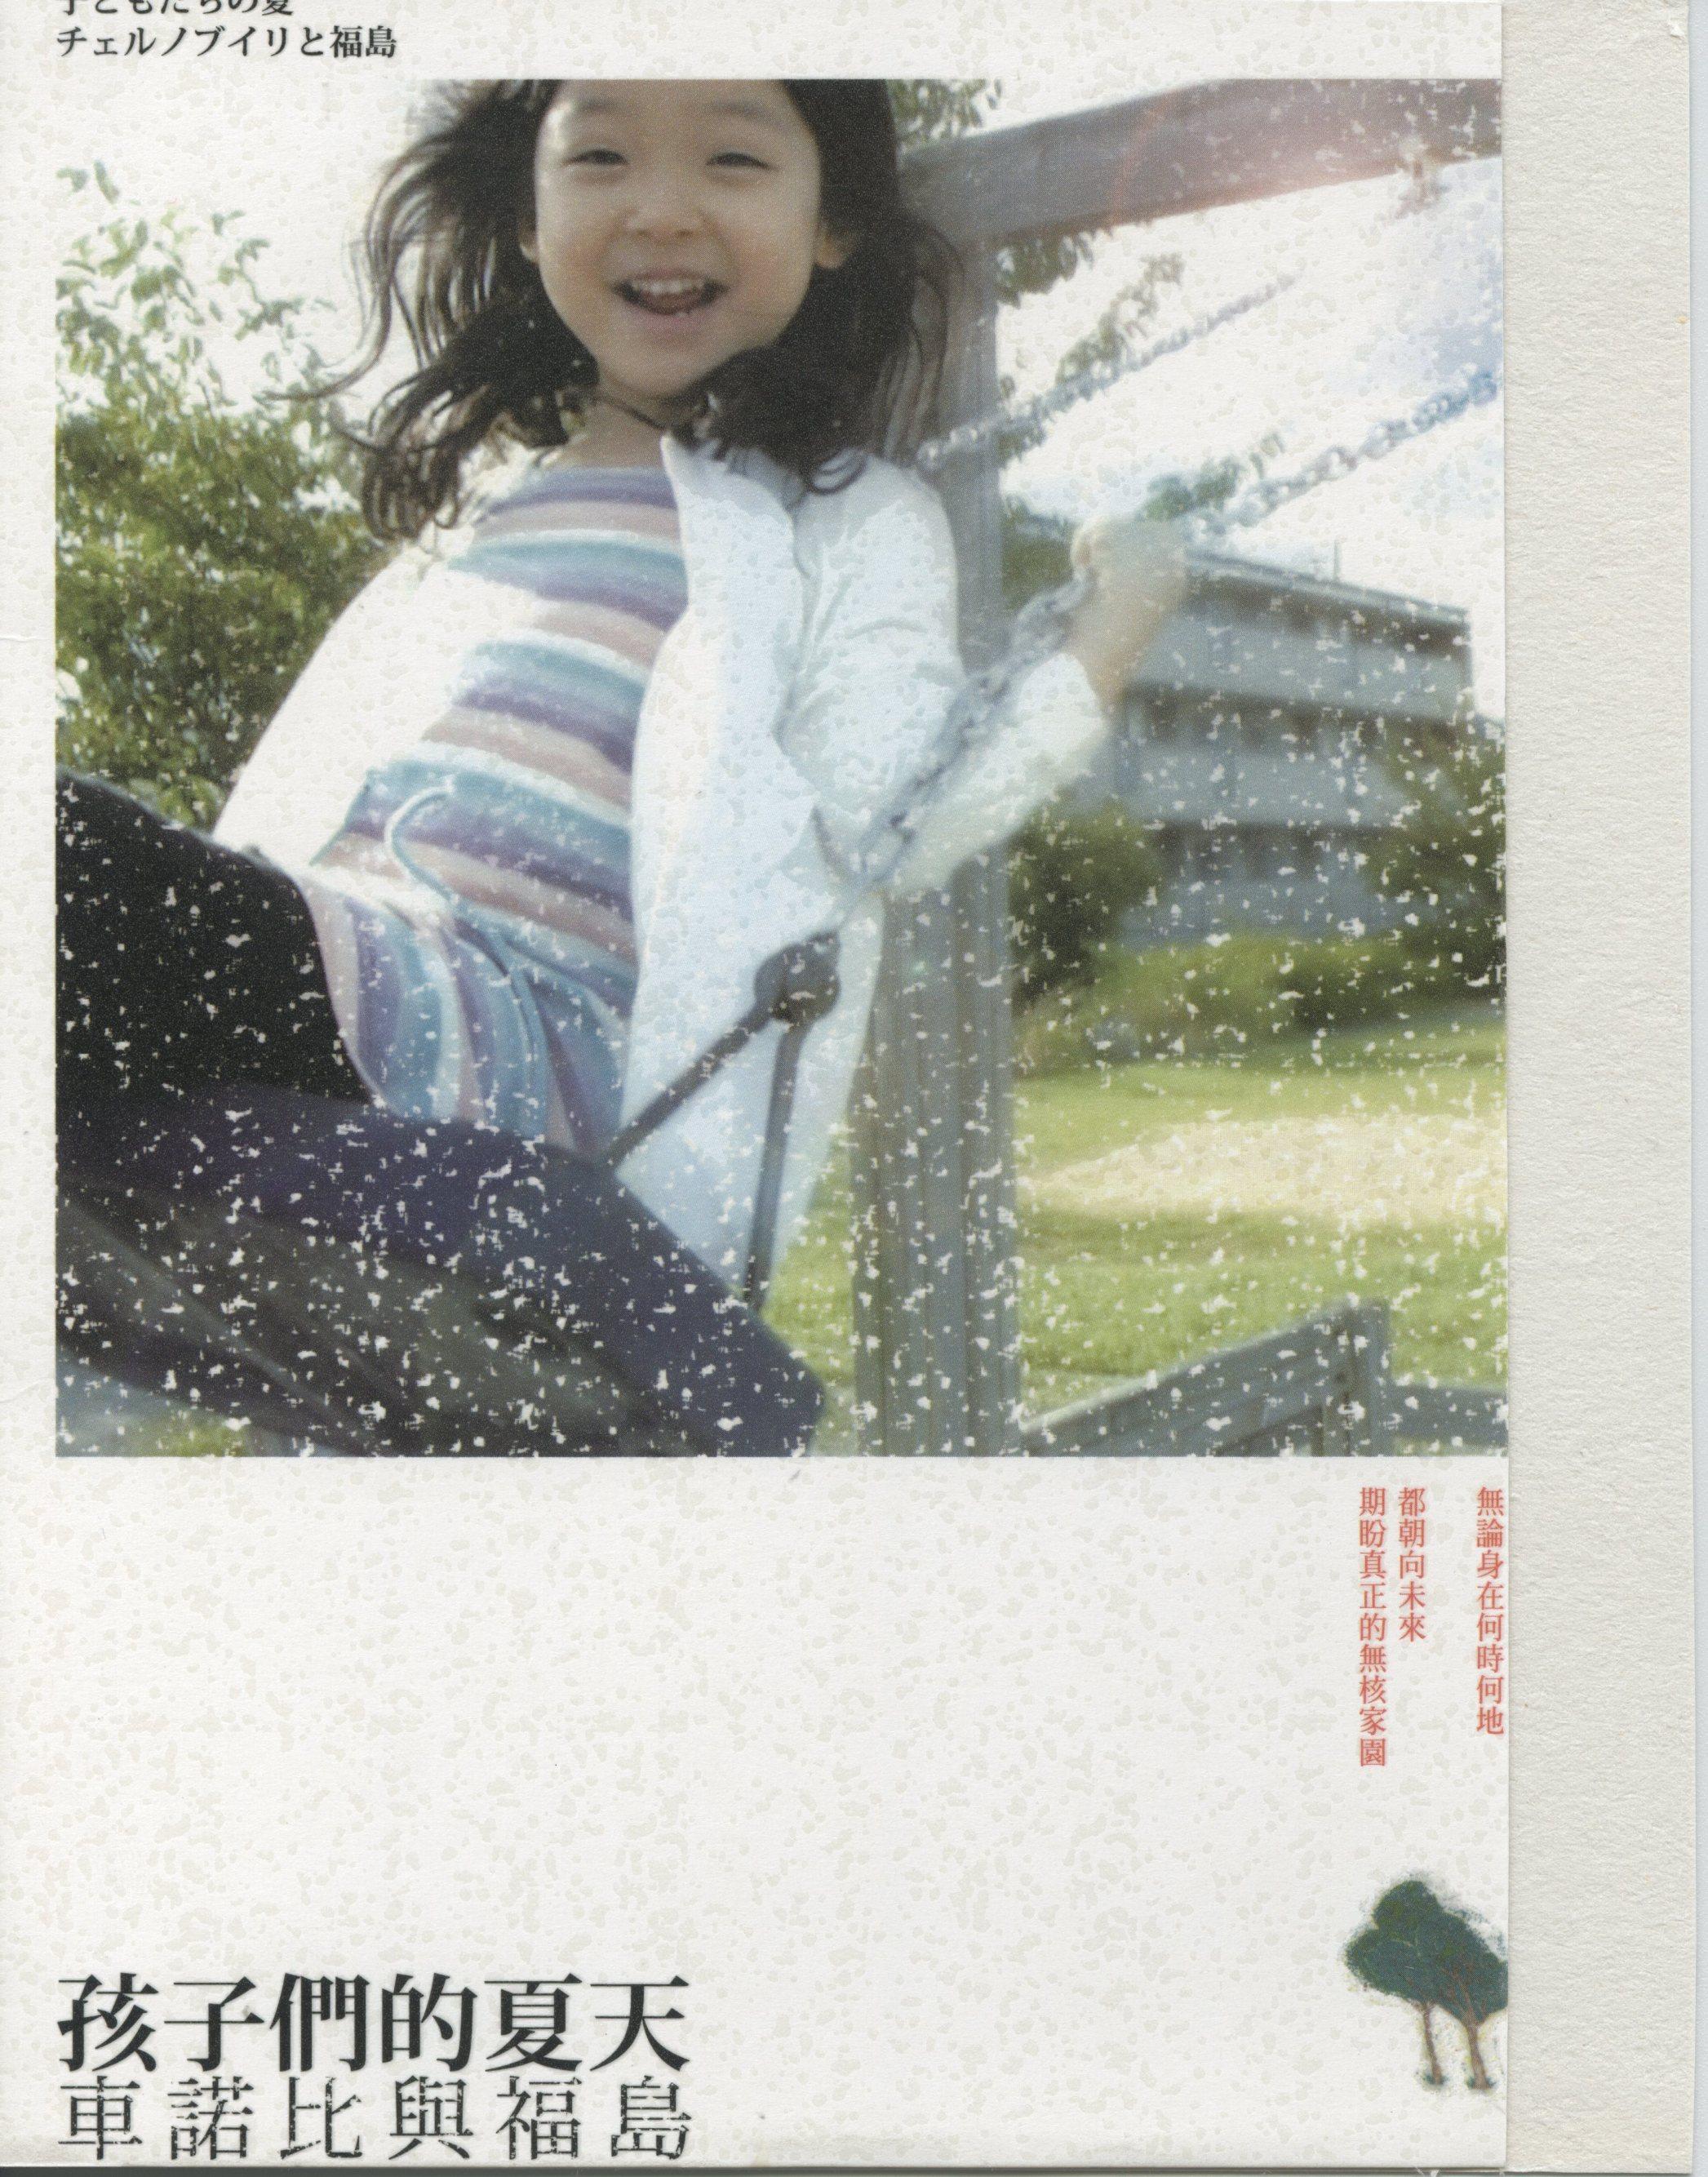 孩子們的夏天 車諾比與福島 = 子どもたちの夏 : チェルノブイリと福島 /